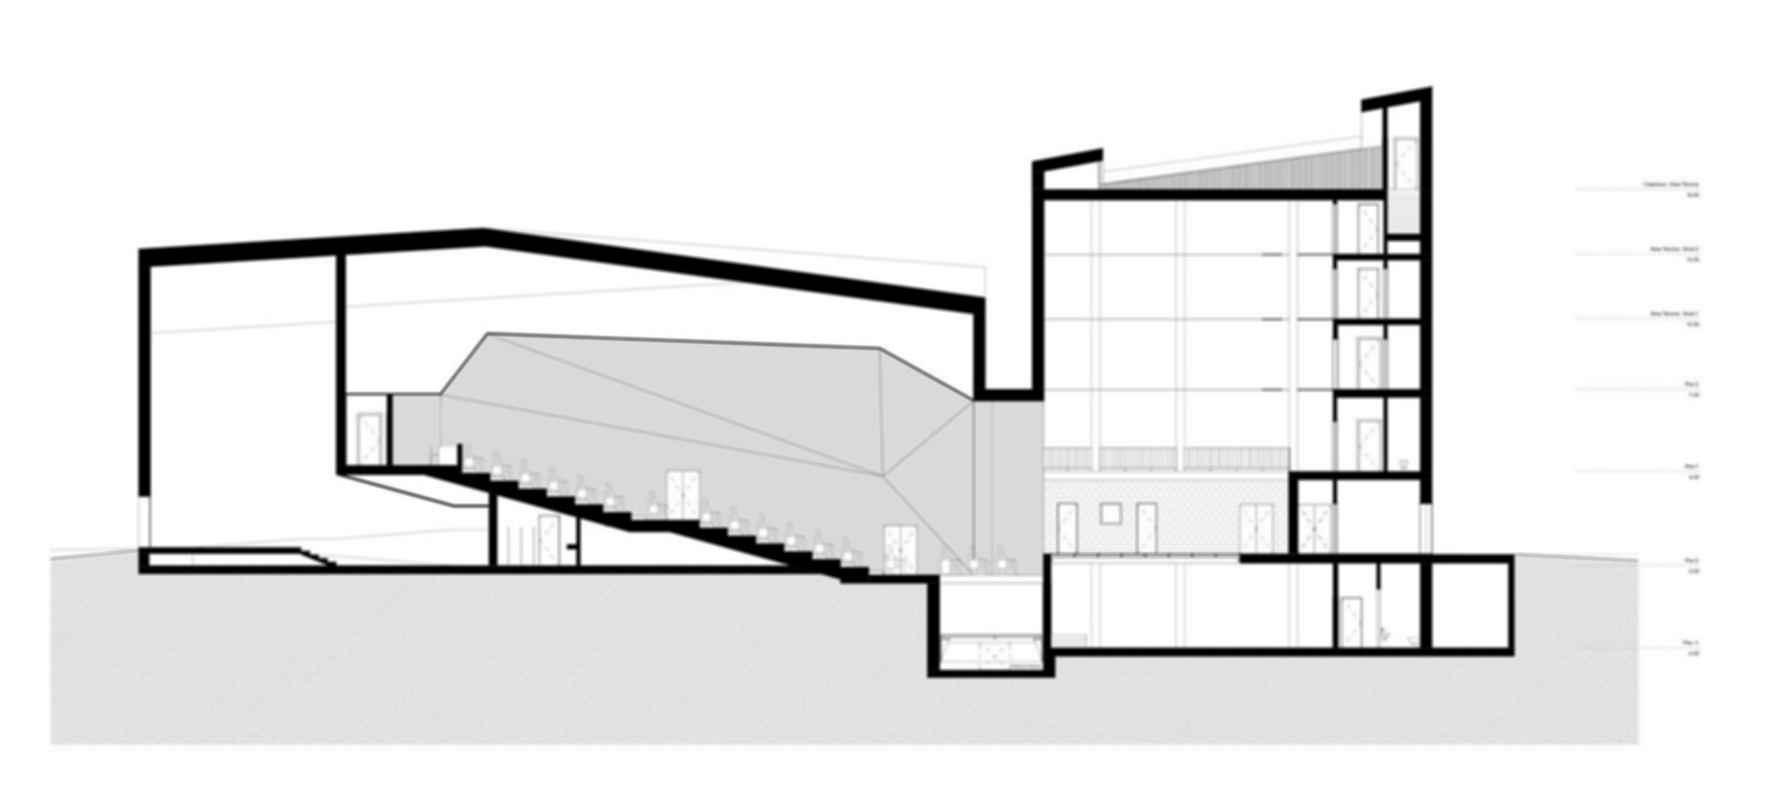 Casa das Artes - Concept Design